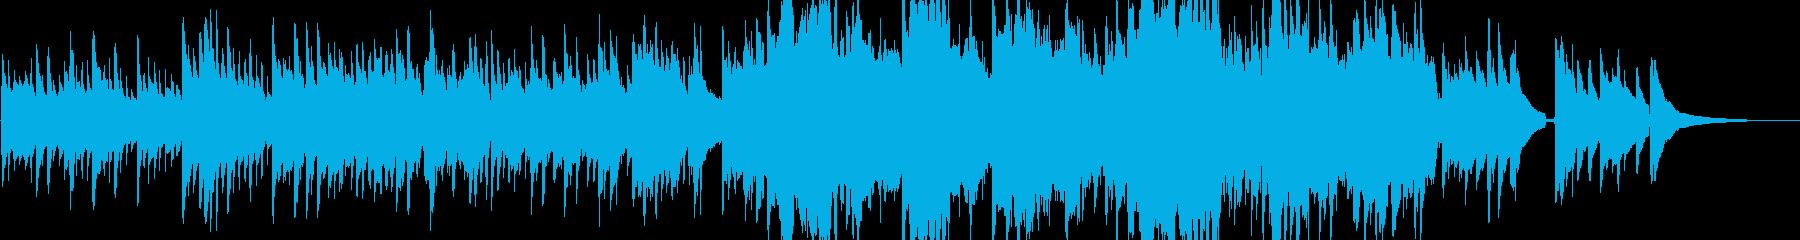 企業VP13 16bit44kHzVerの再生済みの波形